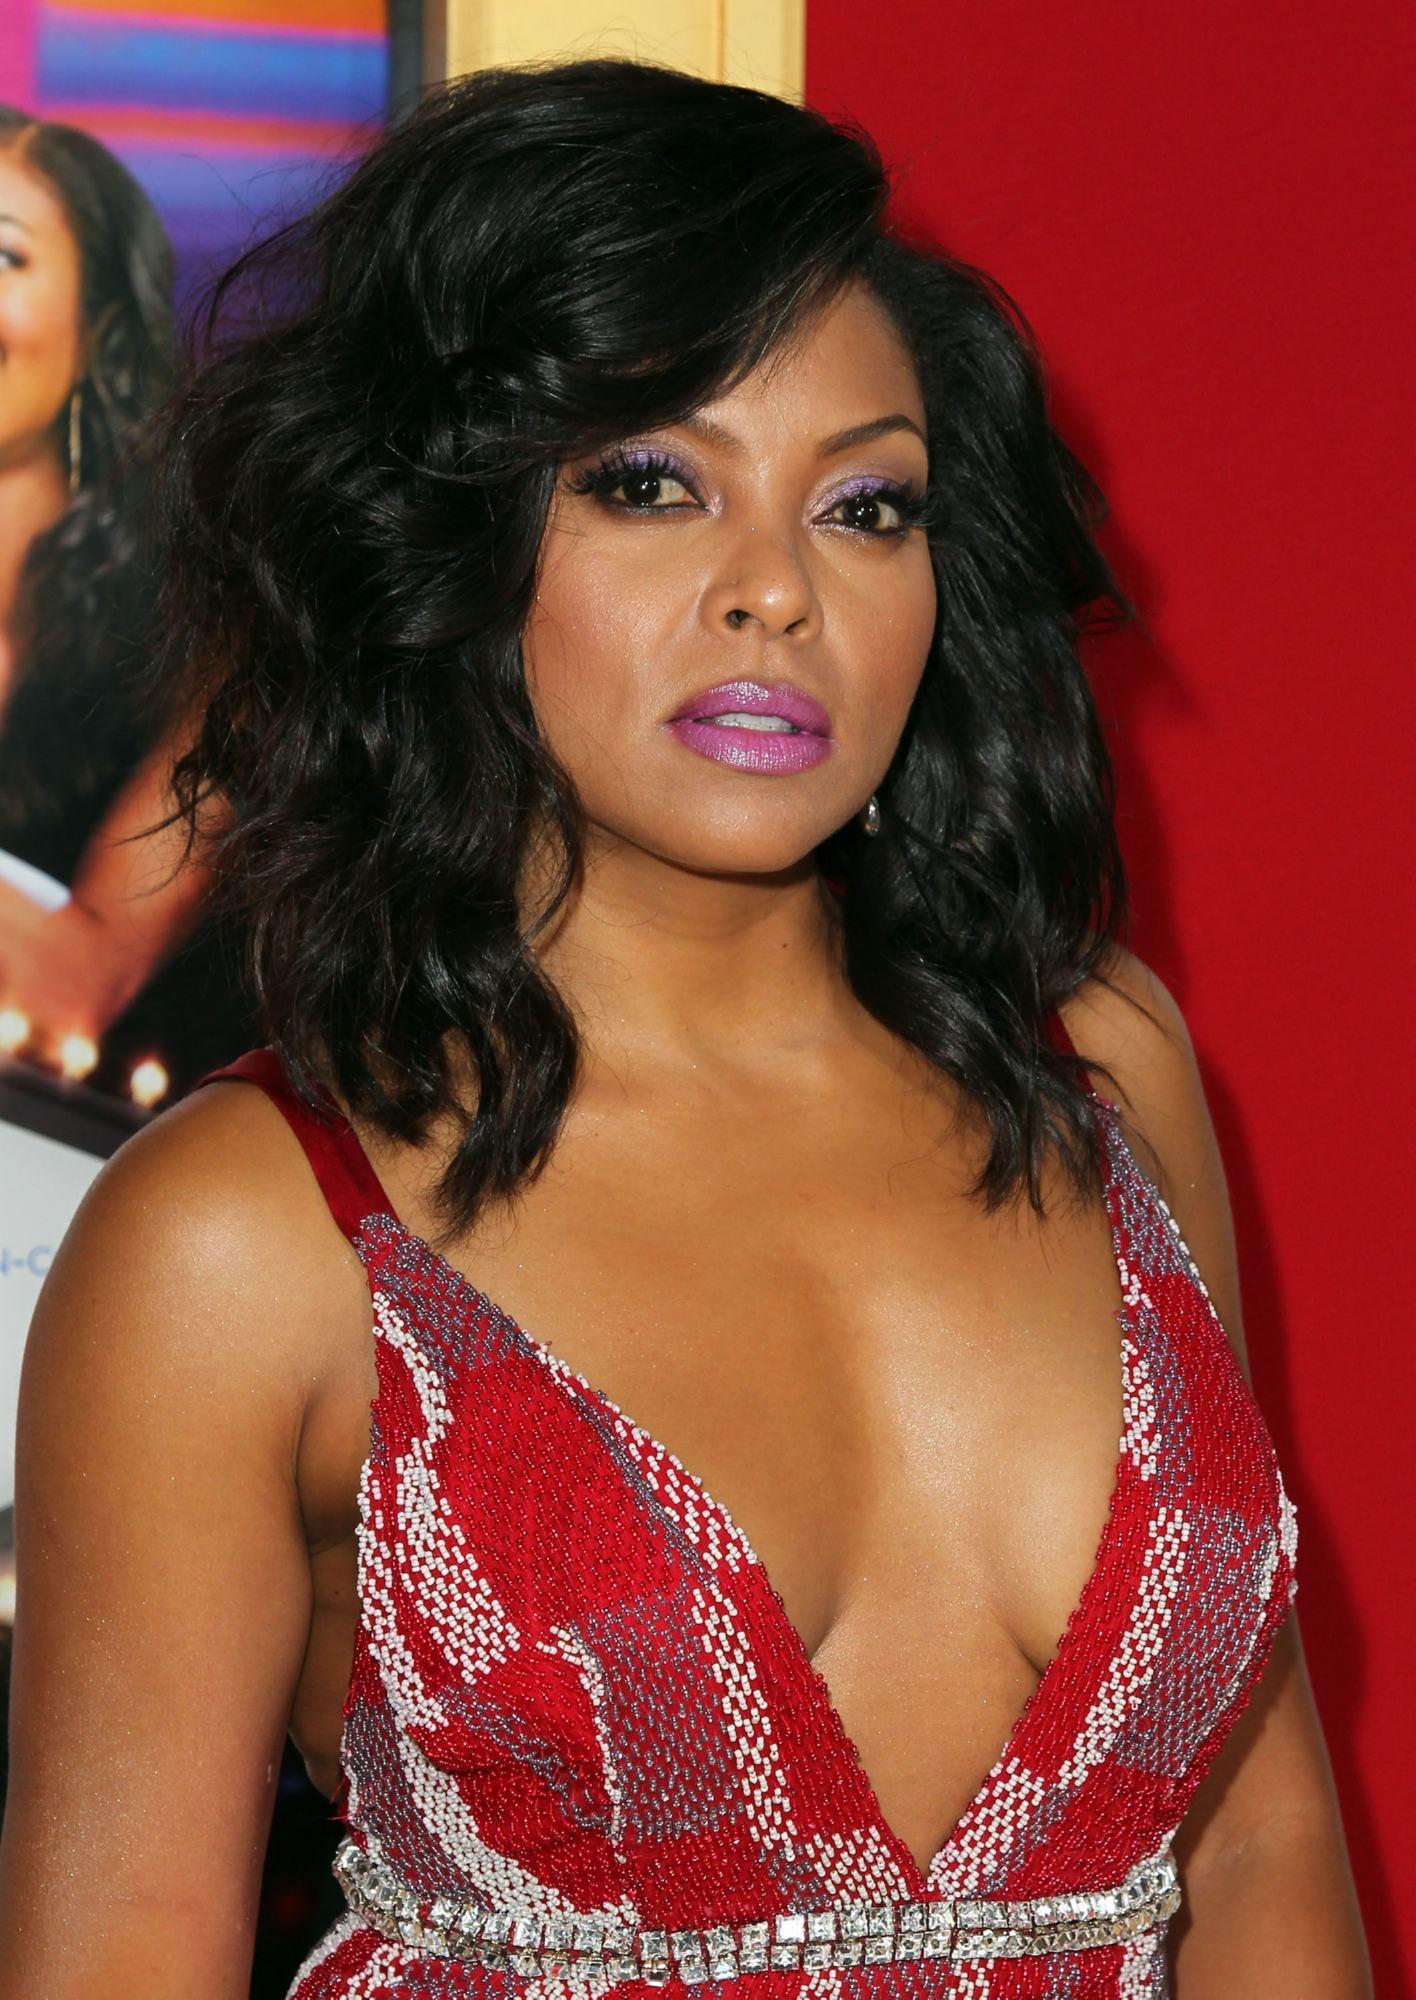 Taraji P. Henson Rocks Her Crazy Curves in W Mag Photo